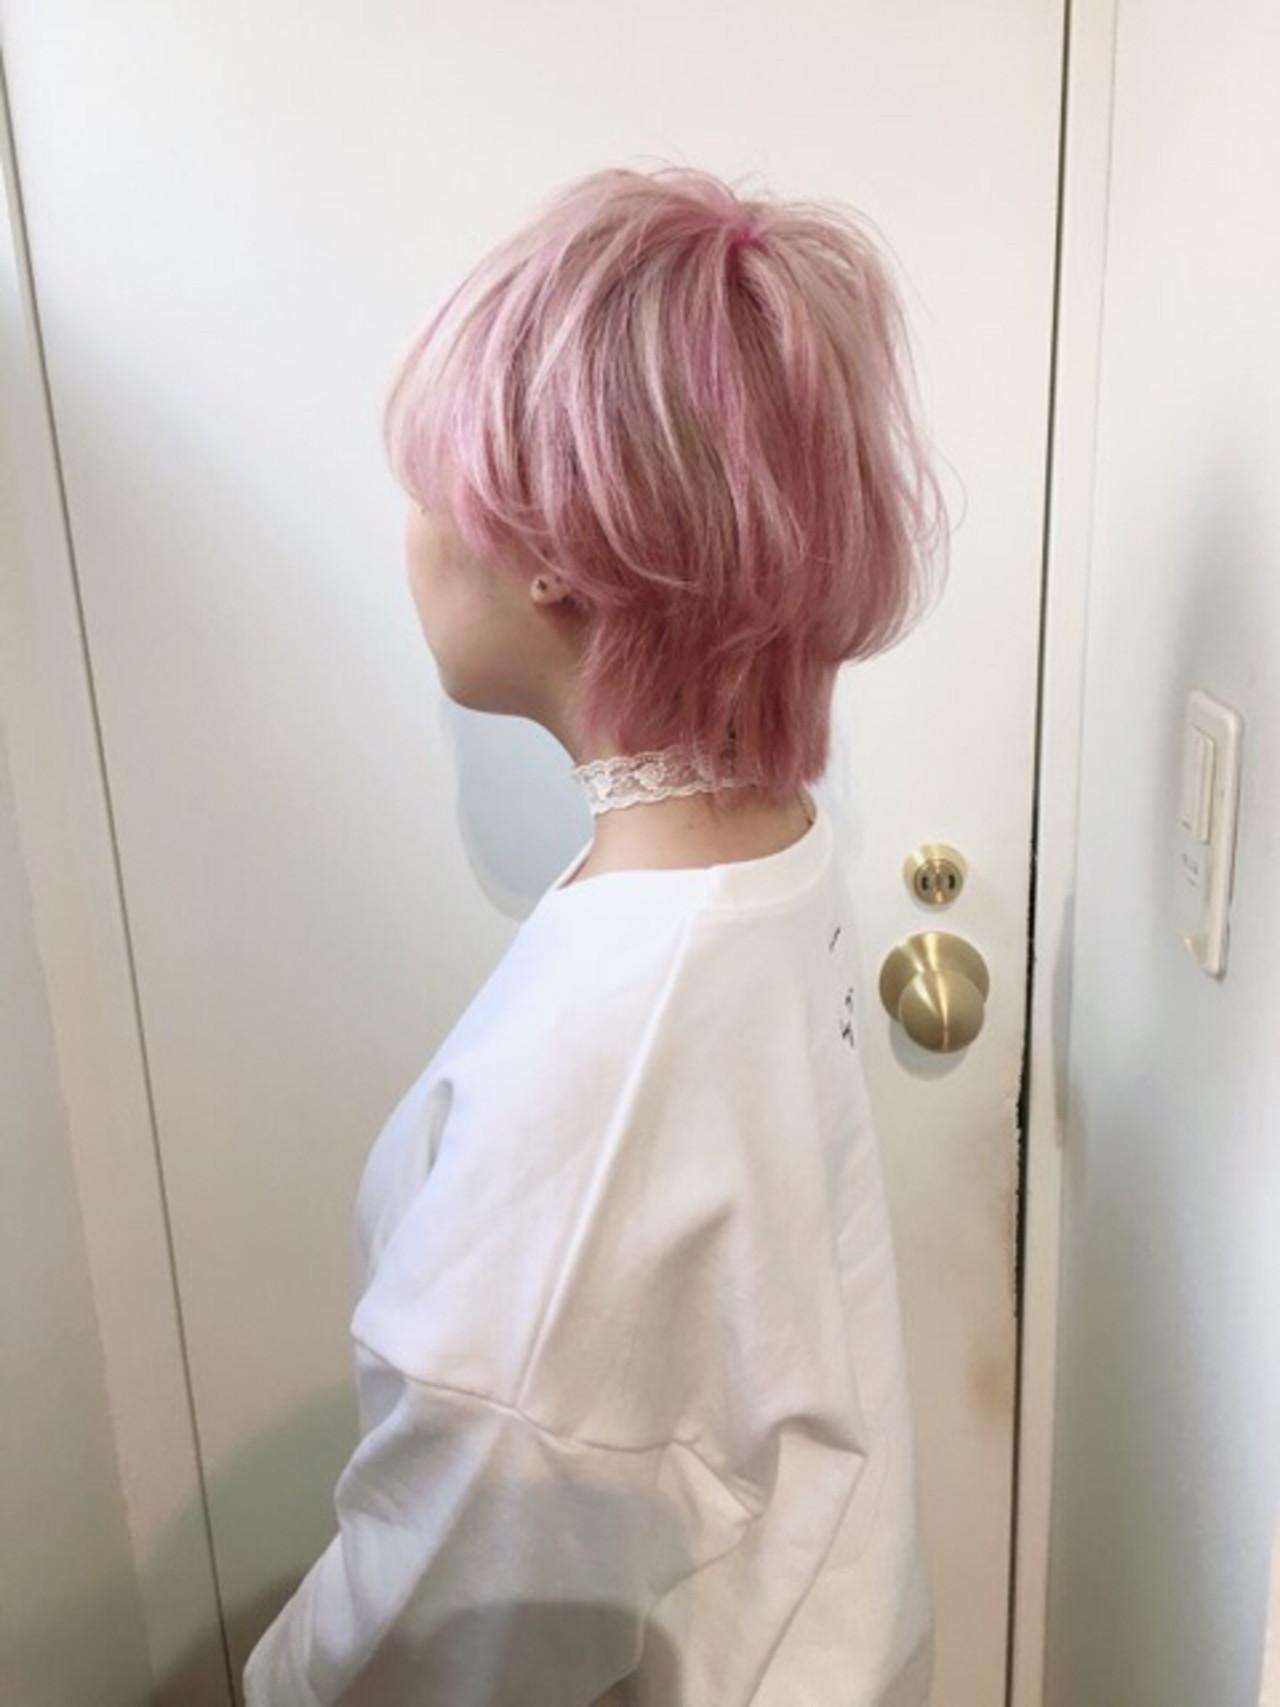 パープルアッシュ ラベンダーピンク ショート ピンクアッシュ ヘアスタイルや髪型の写真・画像 | COM PASS 太一 / COM PASS